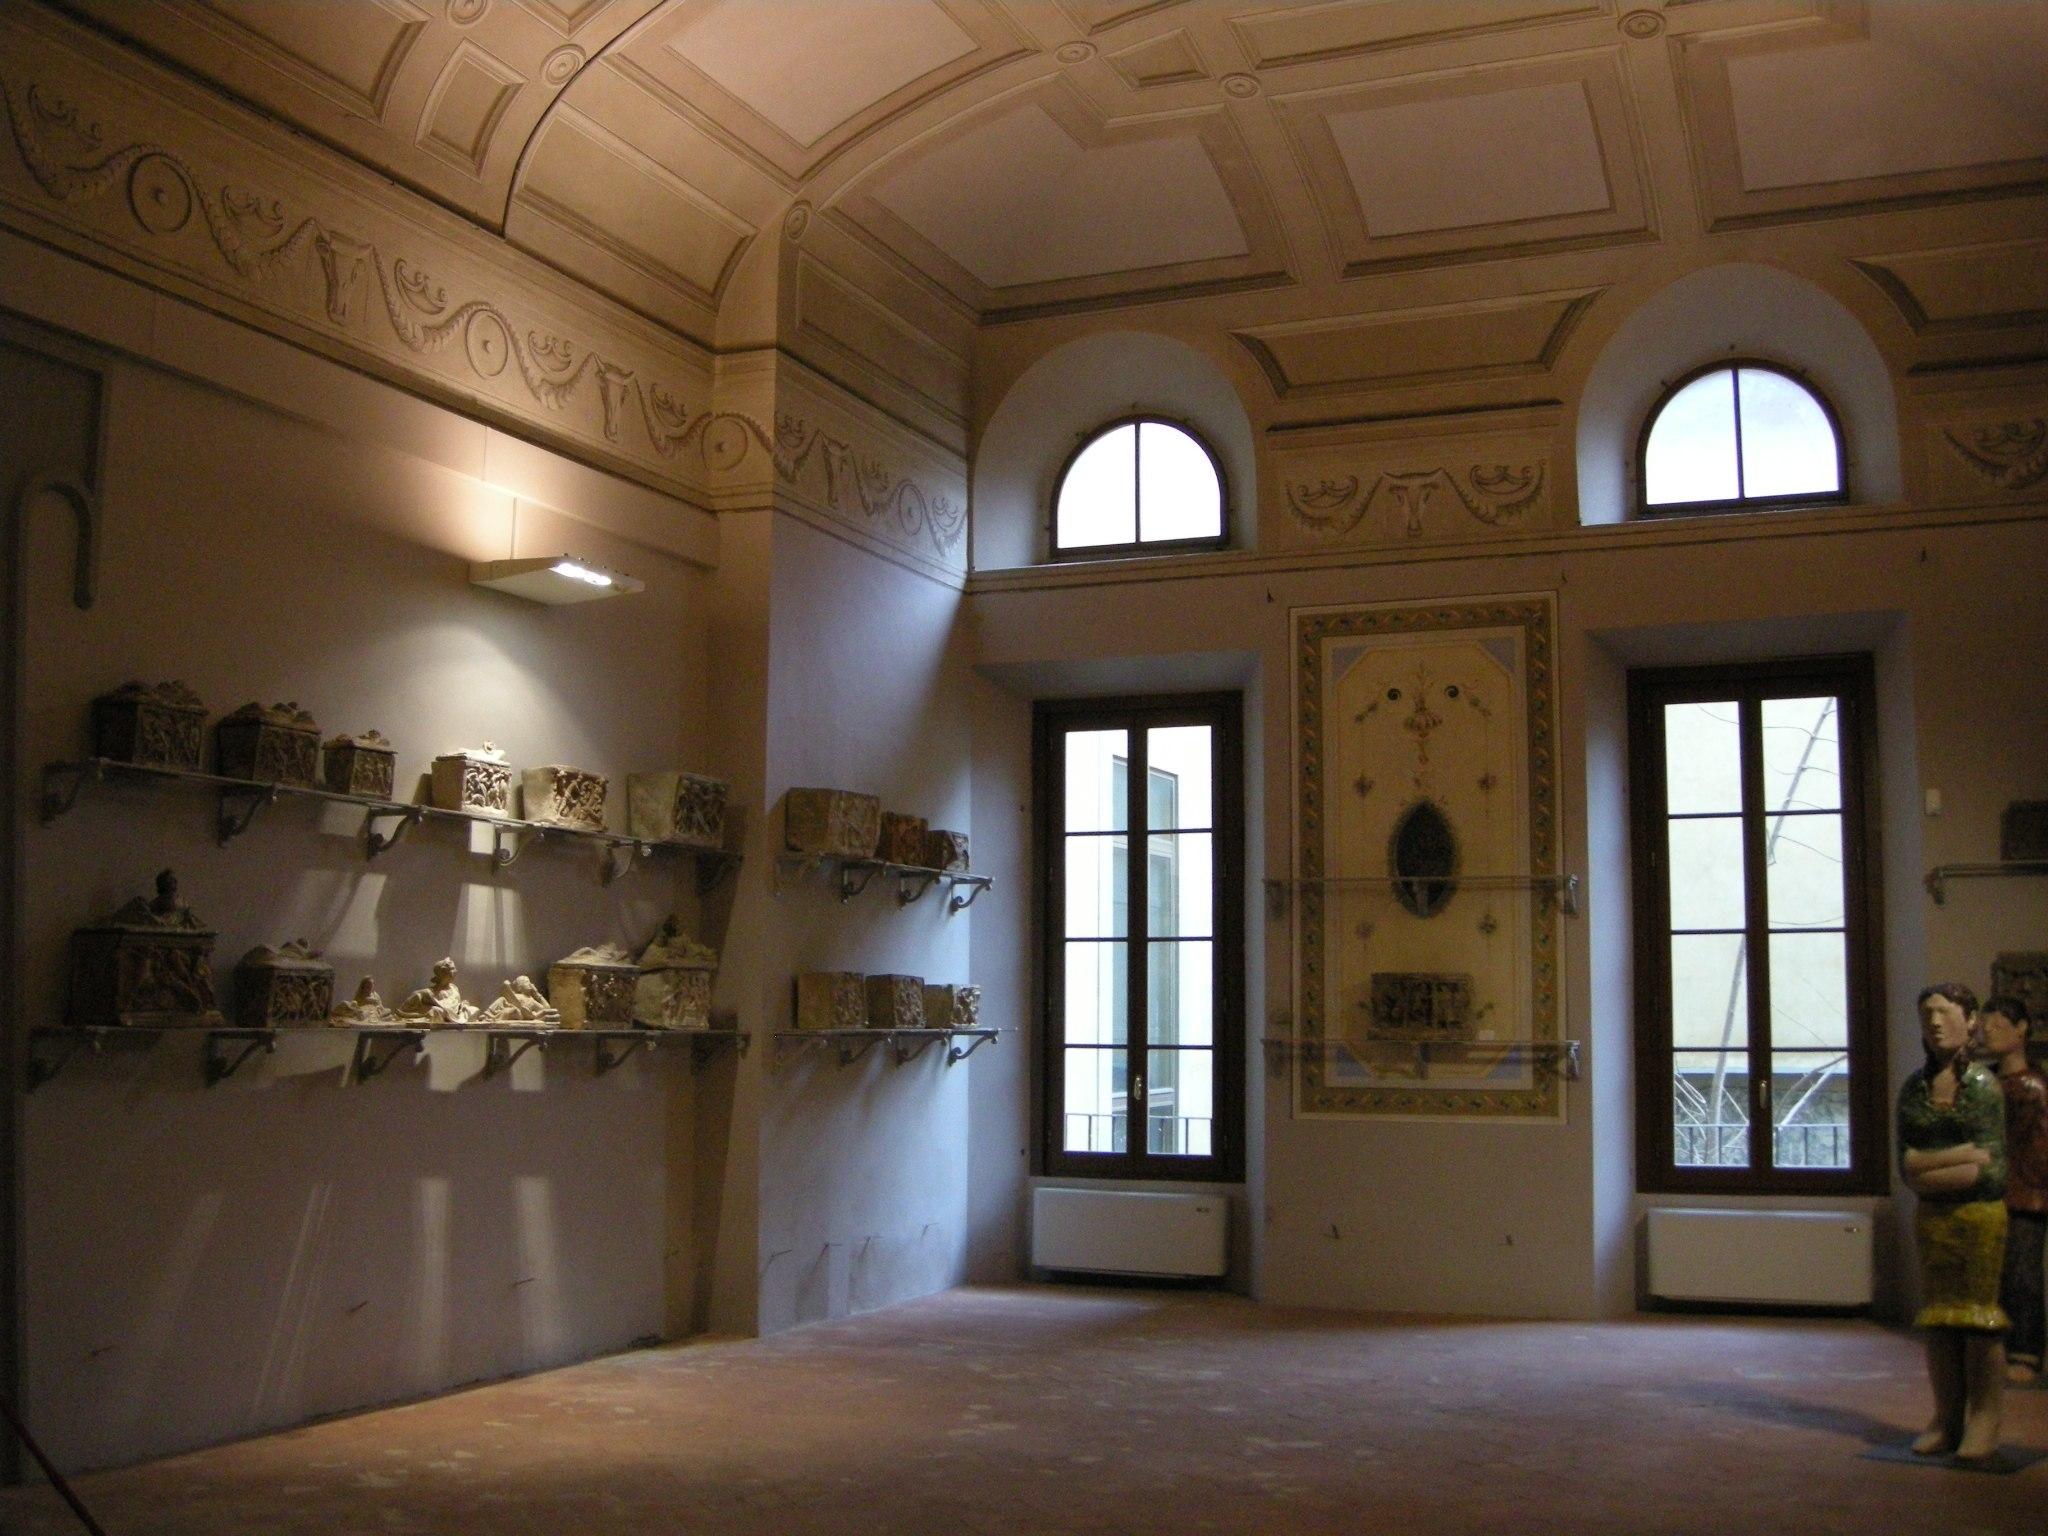 Archeologico di firenze, sala